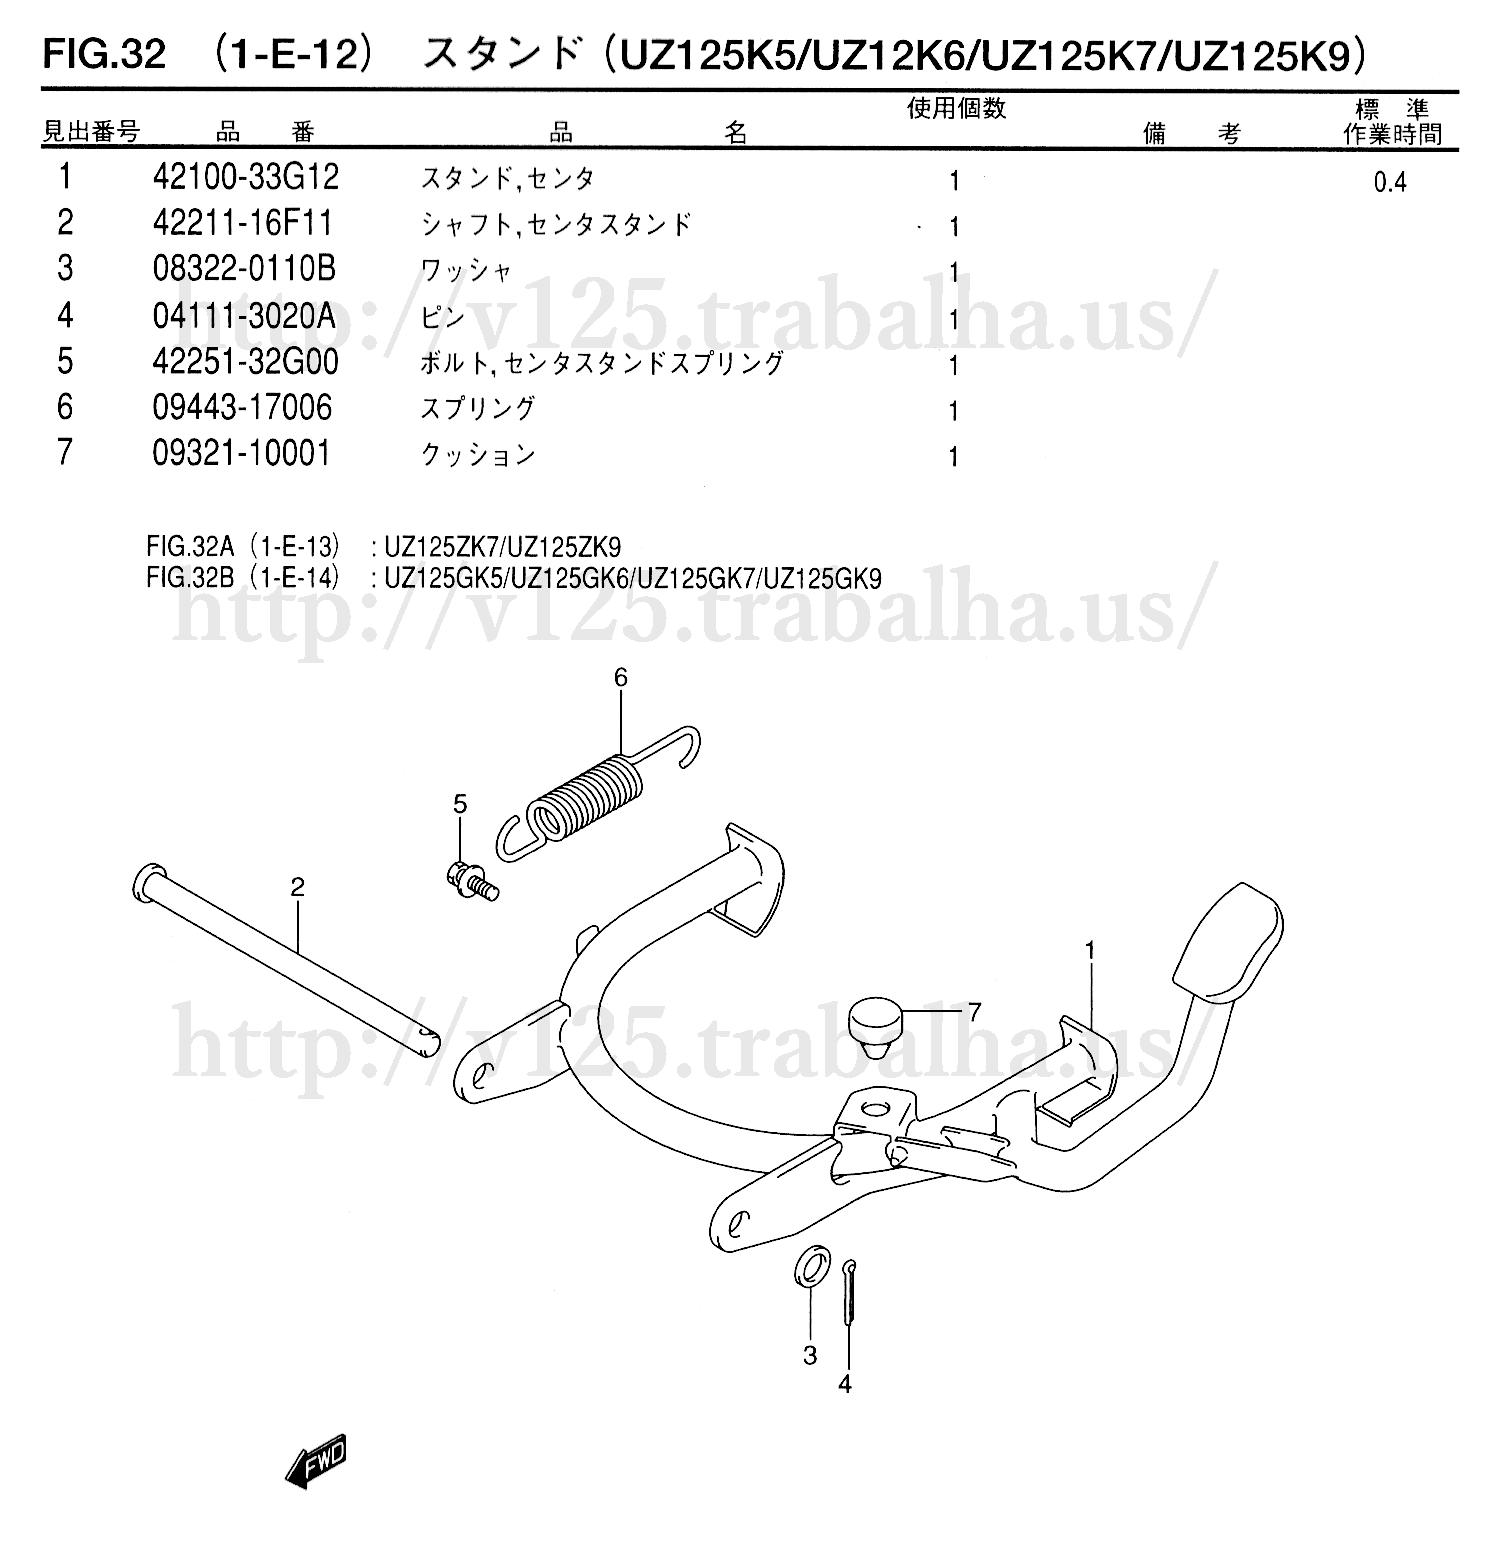 FIG.32(1-E-12)スタンド(UZ125K5/UZ125K6/UZ125K7/UZ125K9)